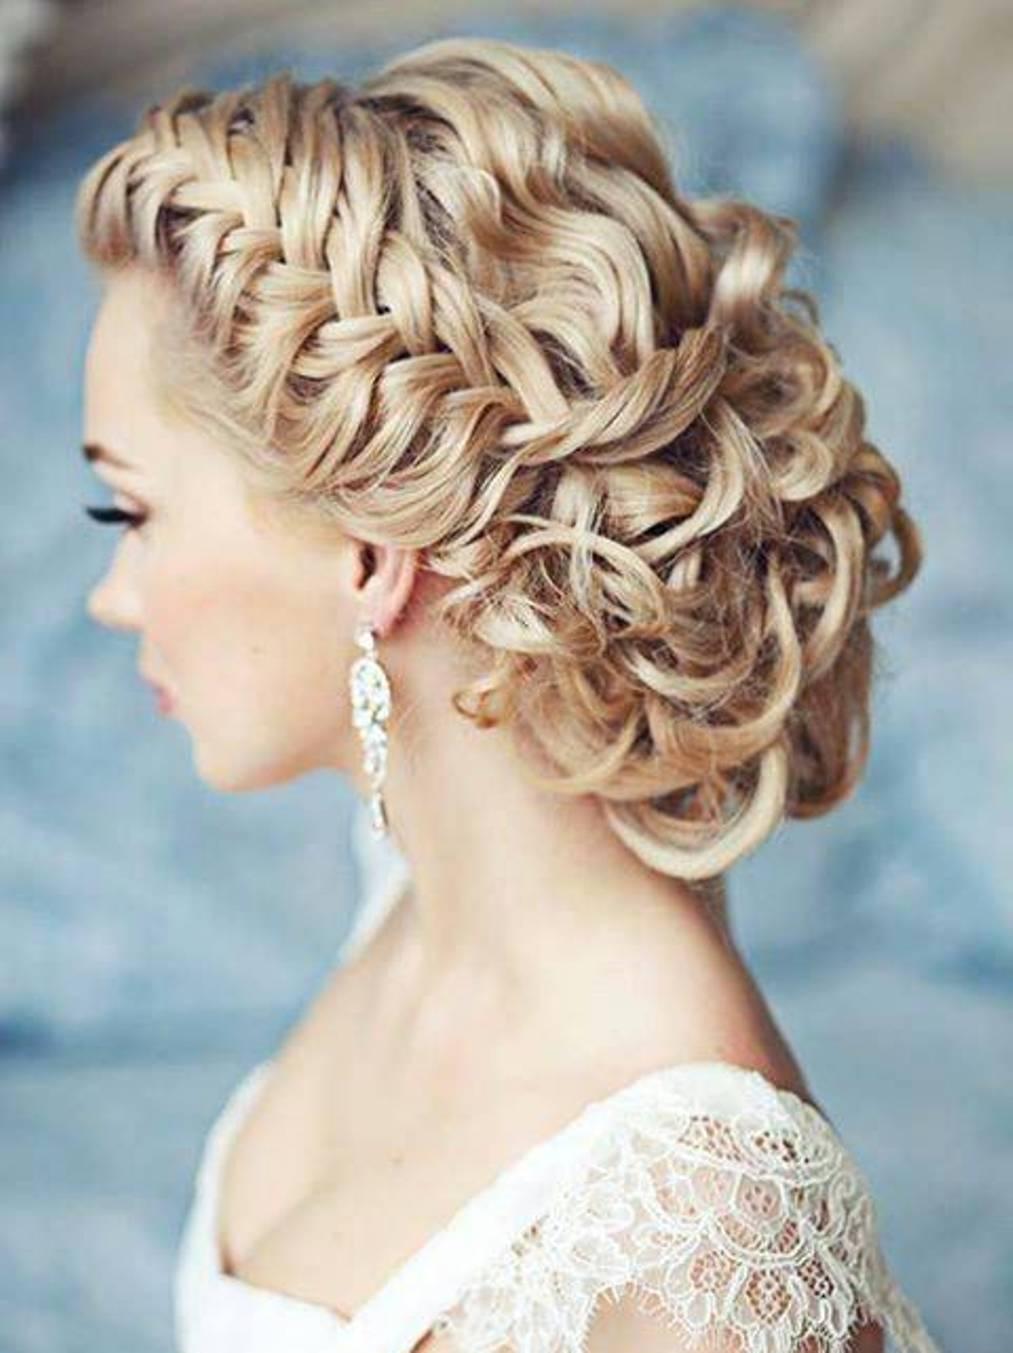 Sensational Wedding Hair Braids 2016 Braids Short Hairstyles Gunalazisus